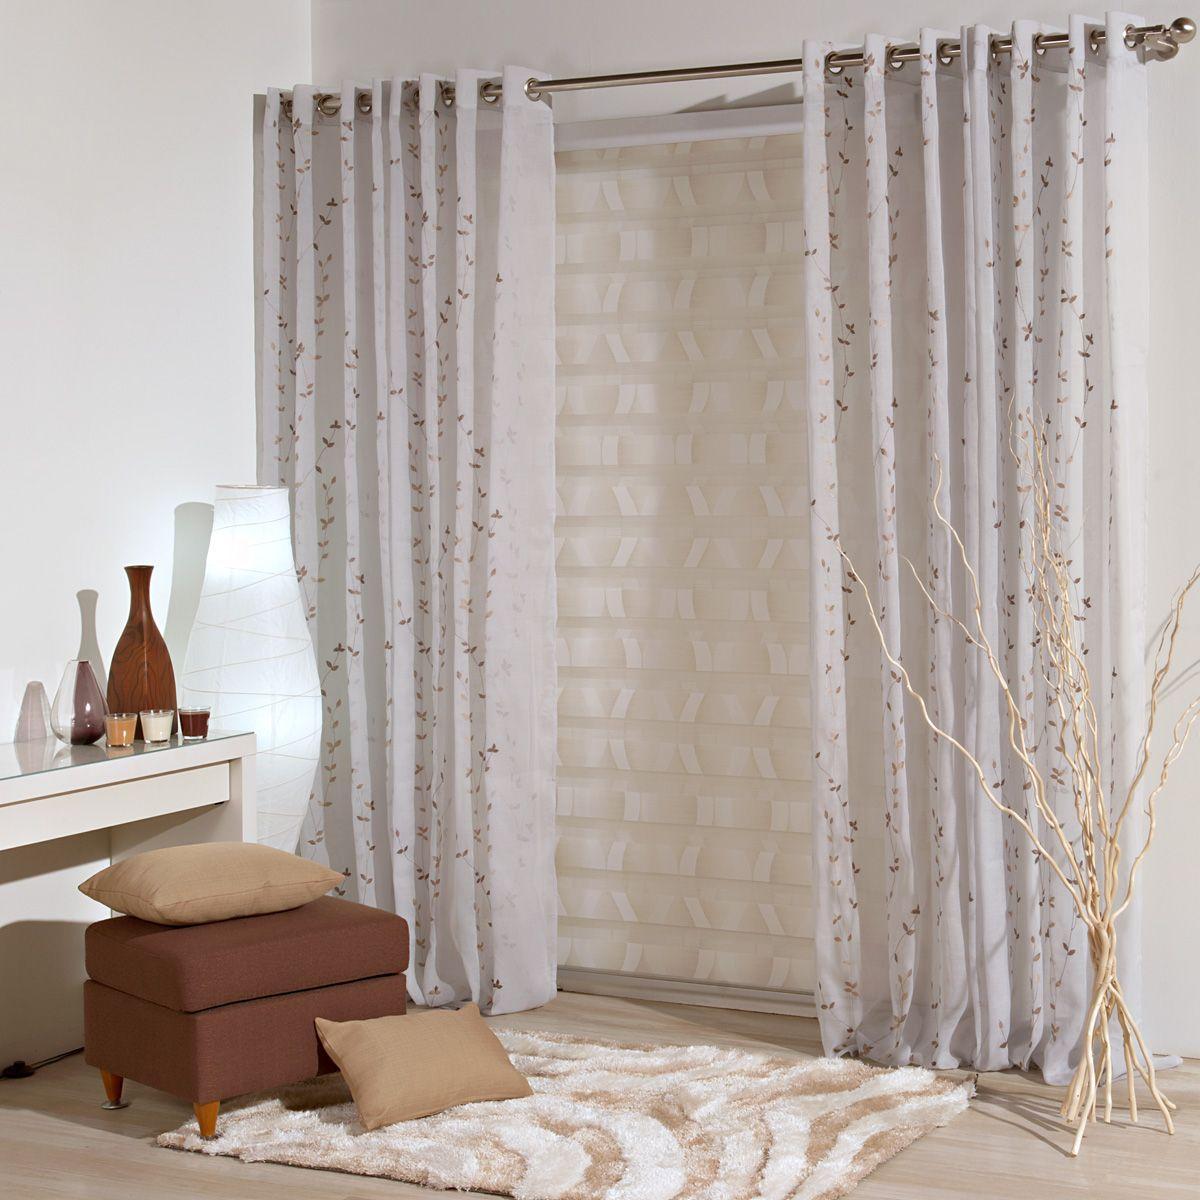 Cortinas confeccionadas ambel por su composici n y dise o - Disenos de cortinas para salones ...